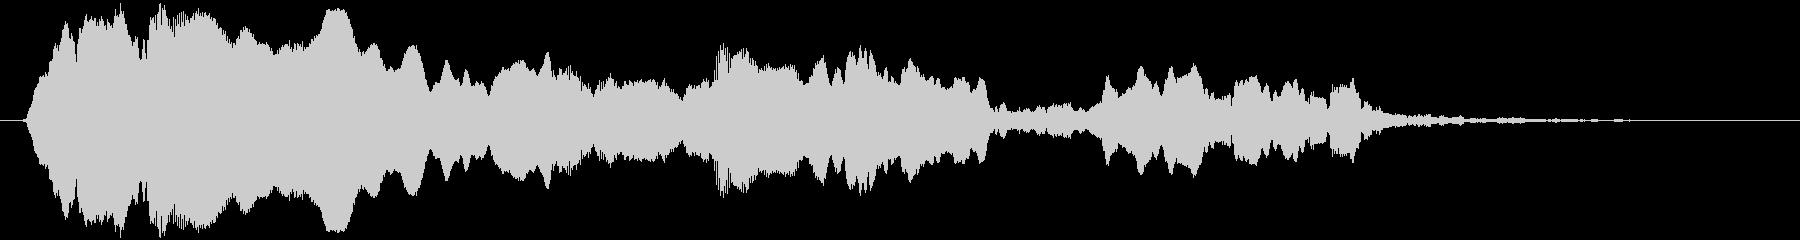 トンビ(トビ、鳶)ヒィヨォーロロロの未再生の波形